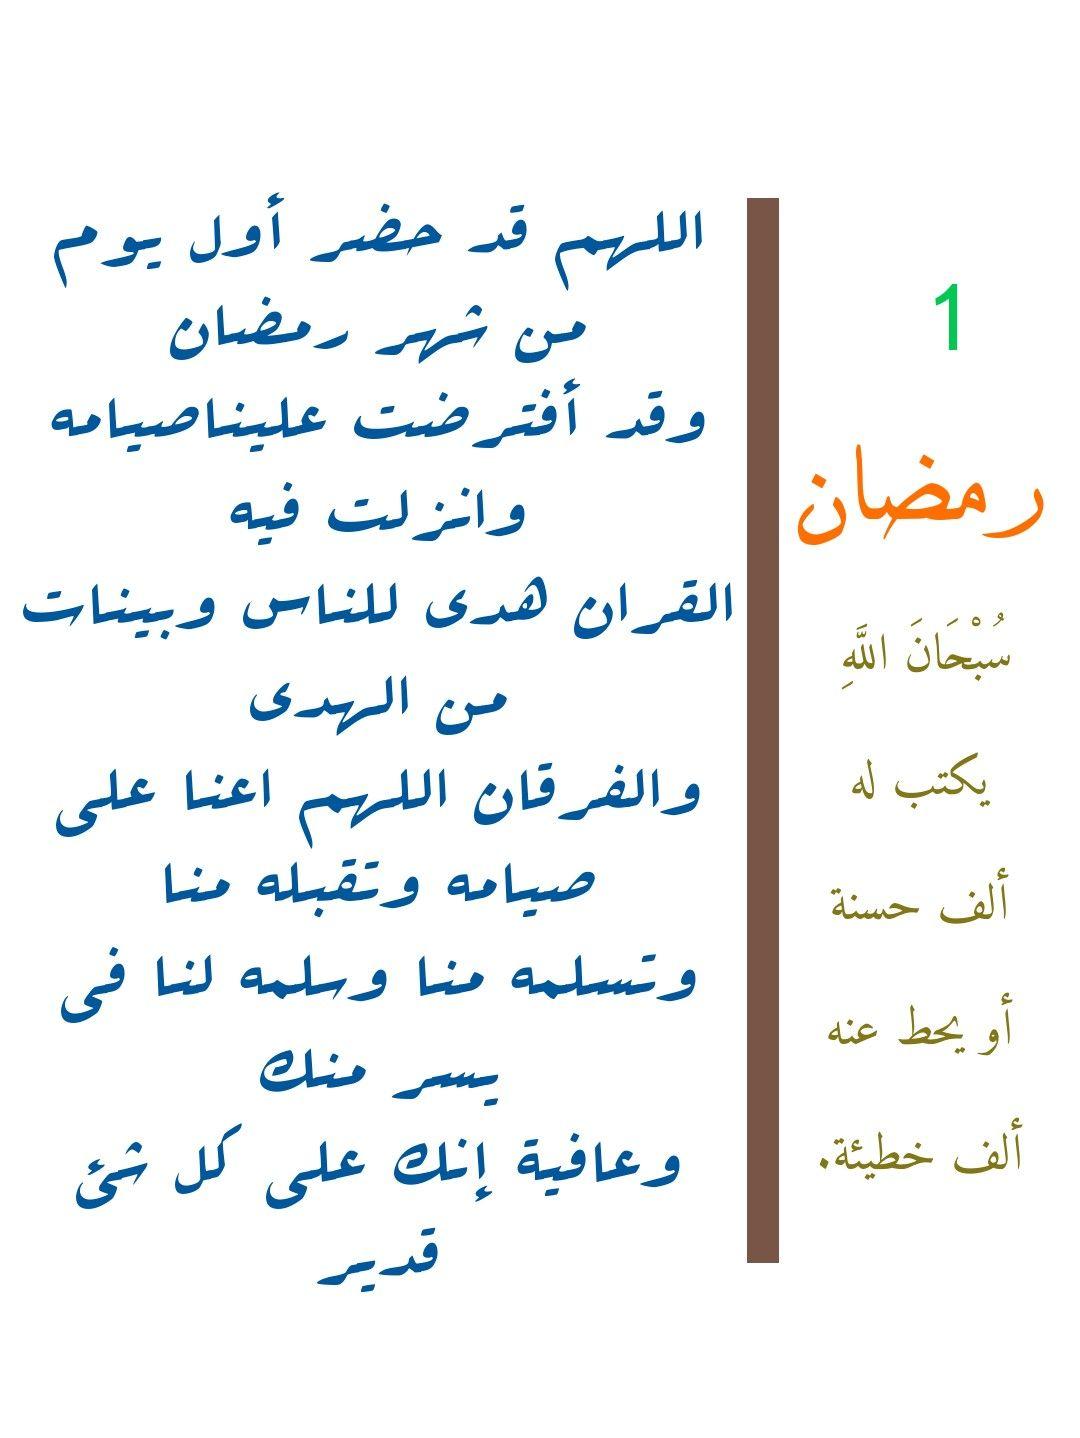 يارب بارك لنا في أيام وليالي رمضان بطاعتك وشكرك وذكرك وحسن عبادتك وأعنا على صيامه وقيامه Calligraphy Arabic Calligraphy